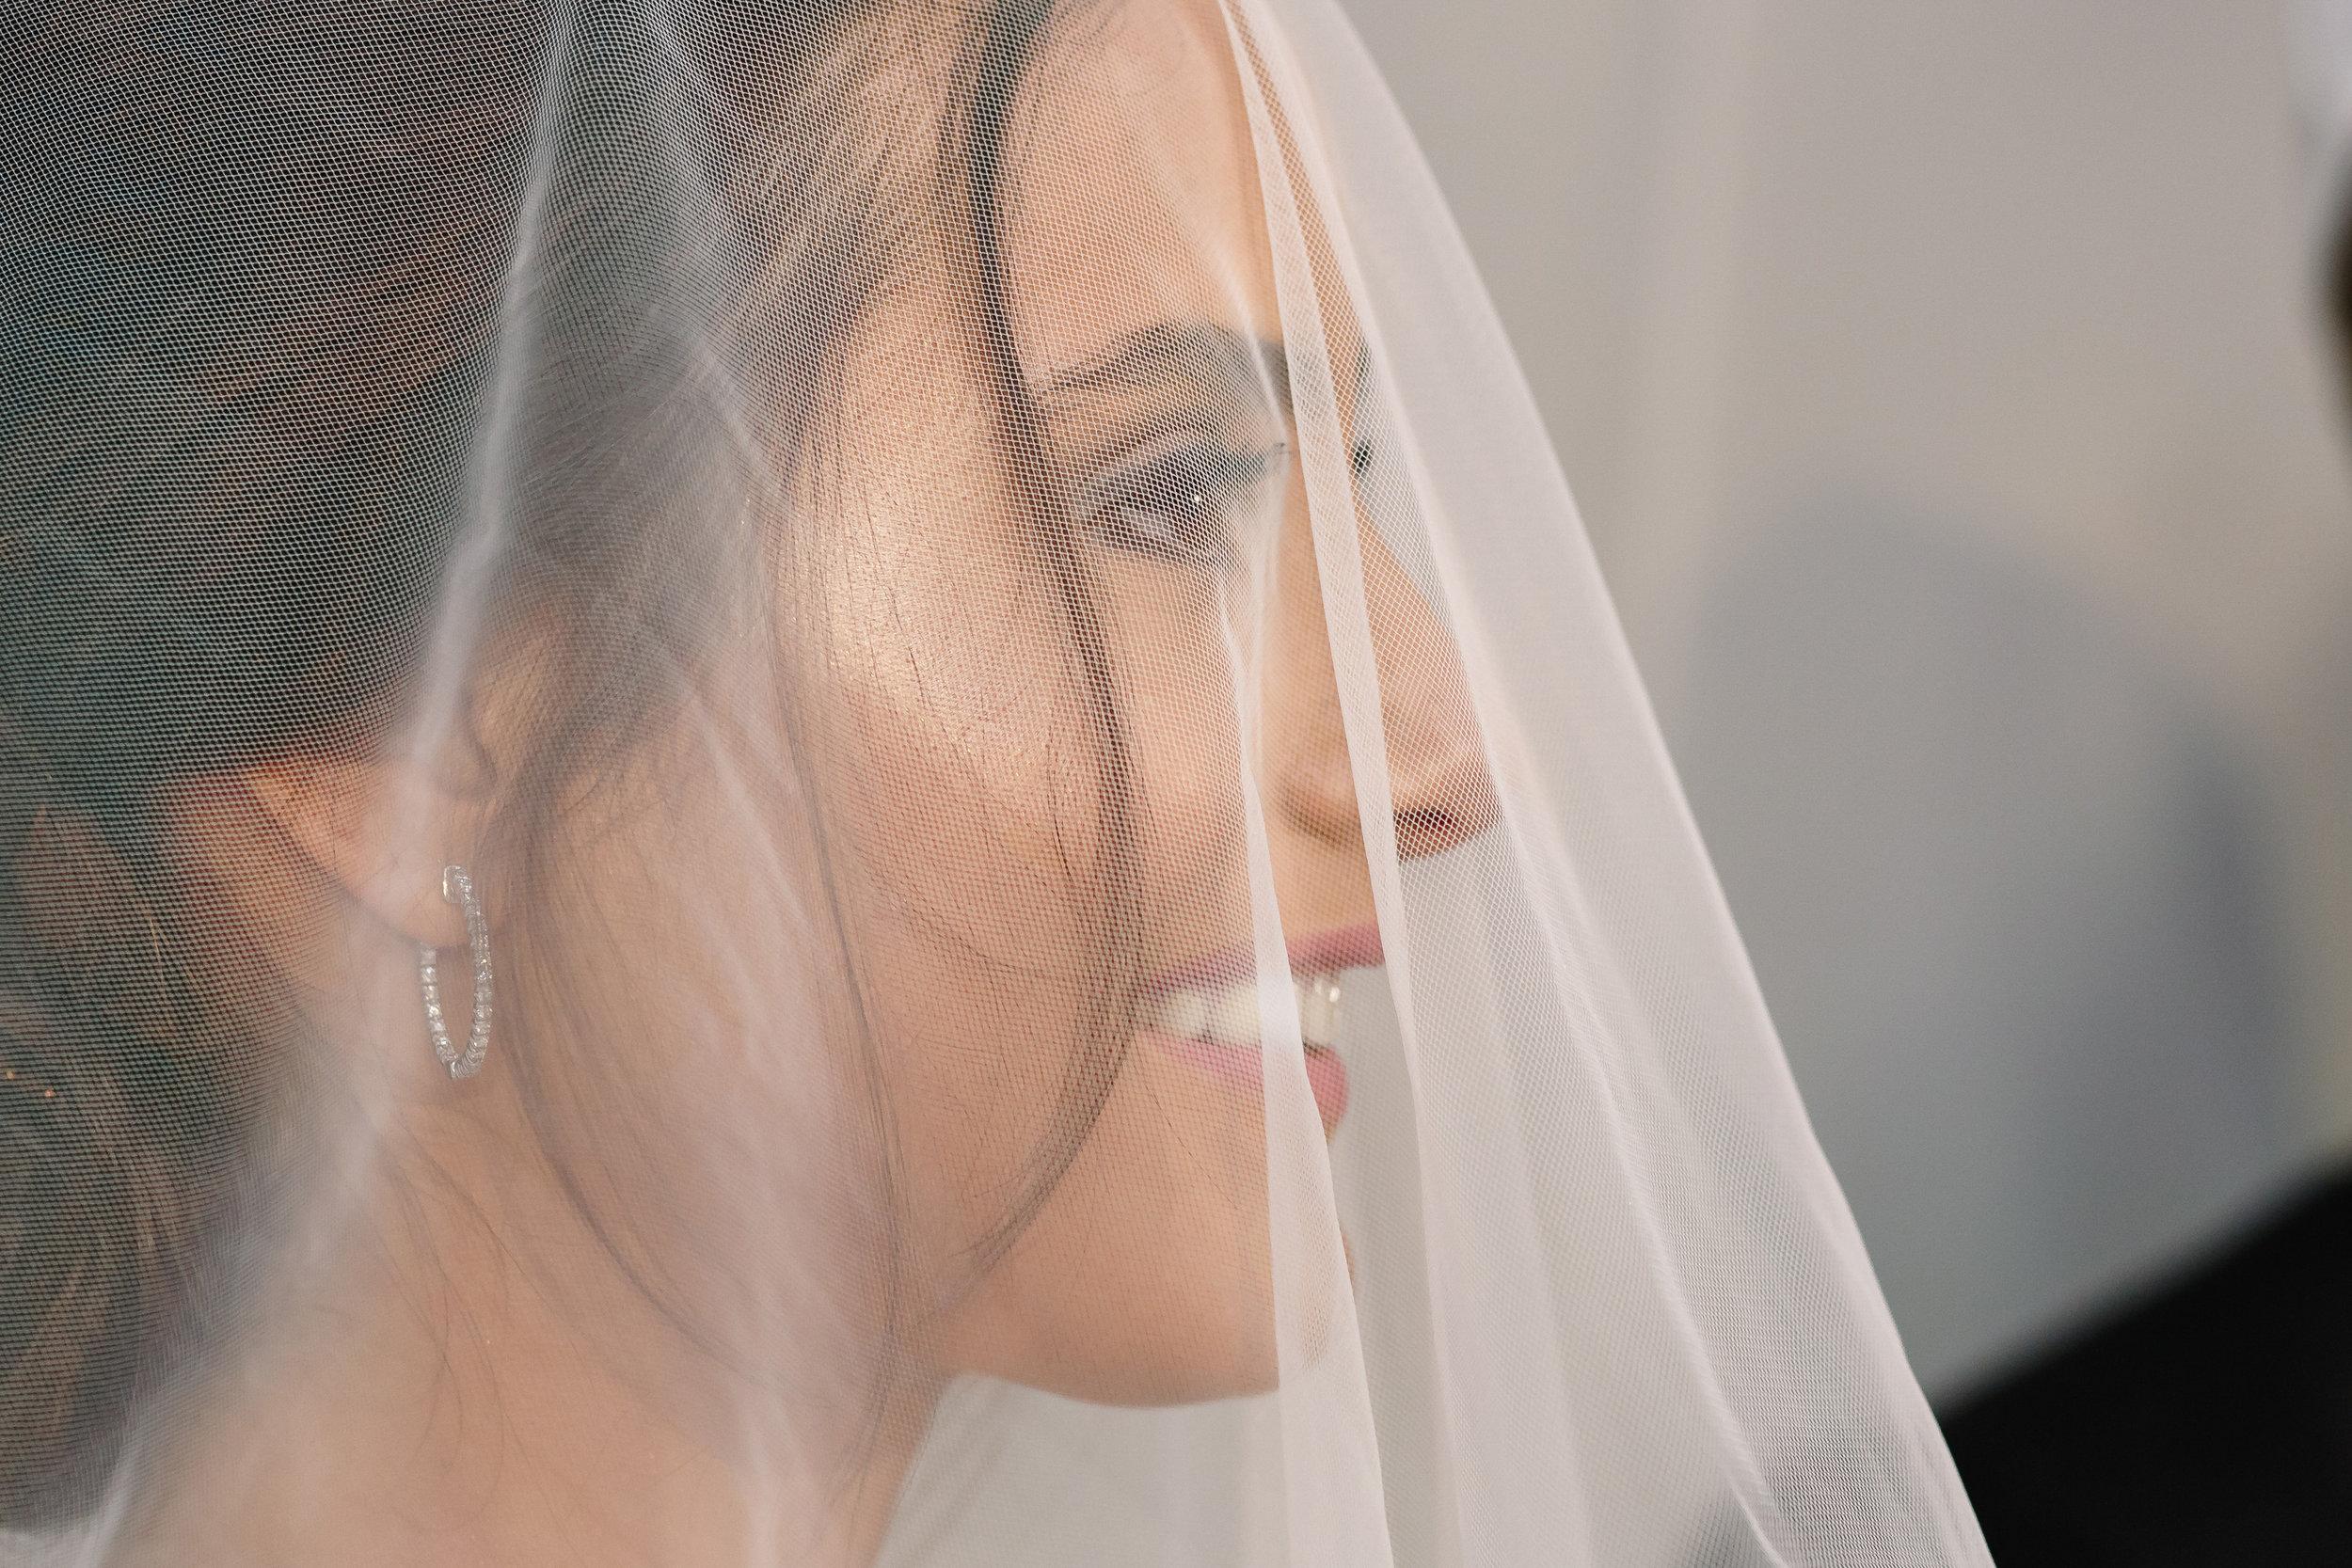 0173_Rinat + Matan wedding story_878.jpg